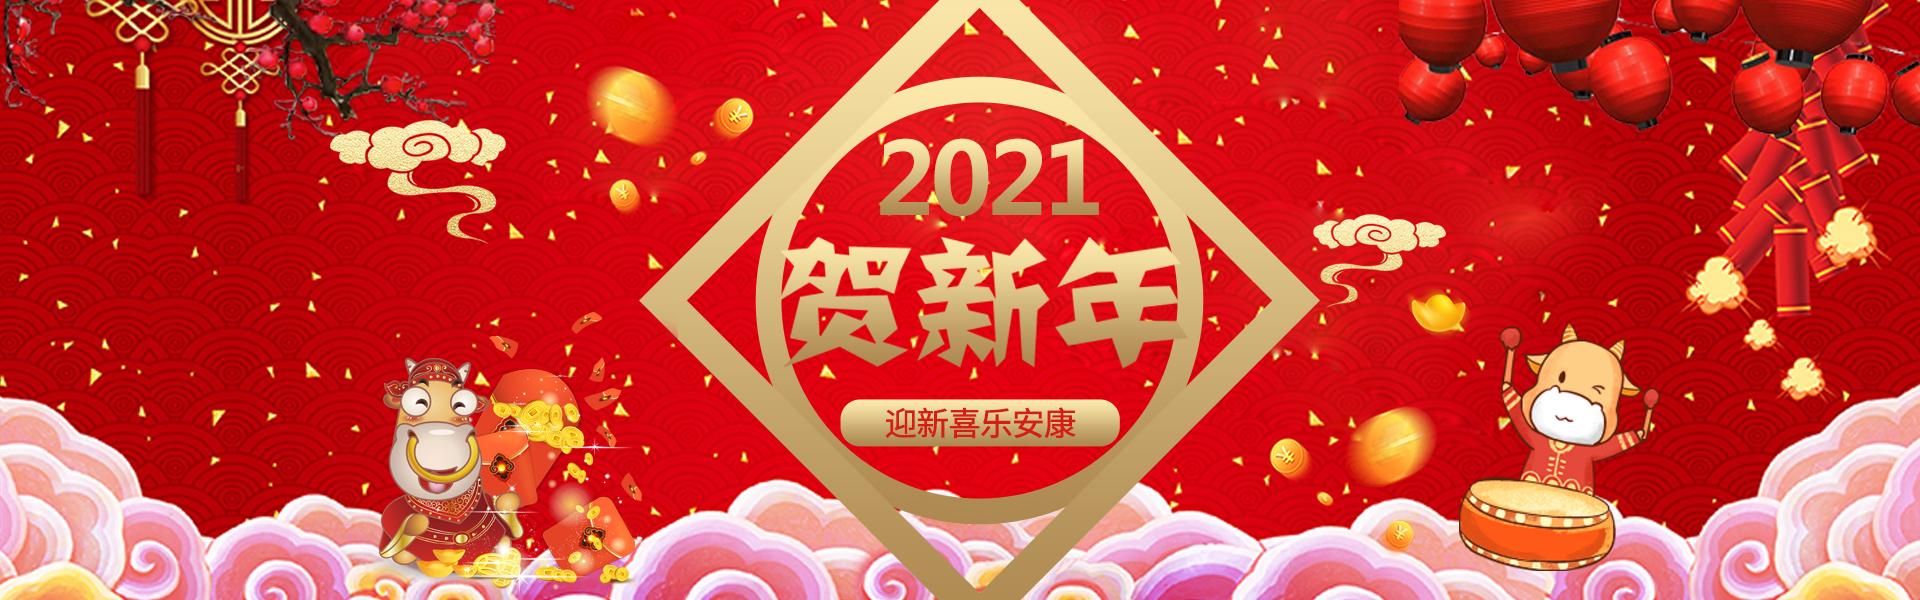 2021年新年祝福